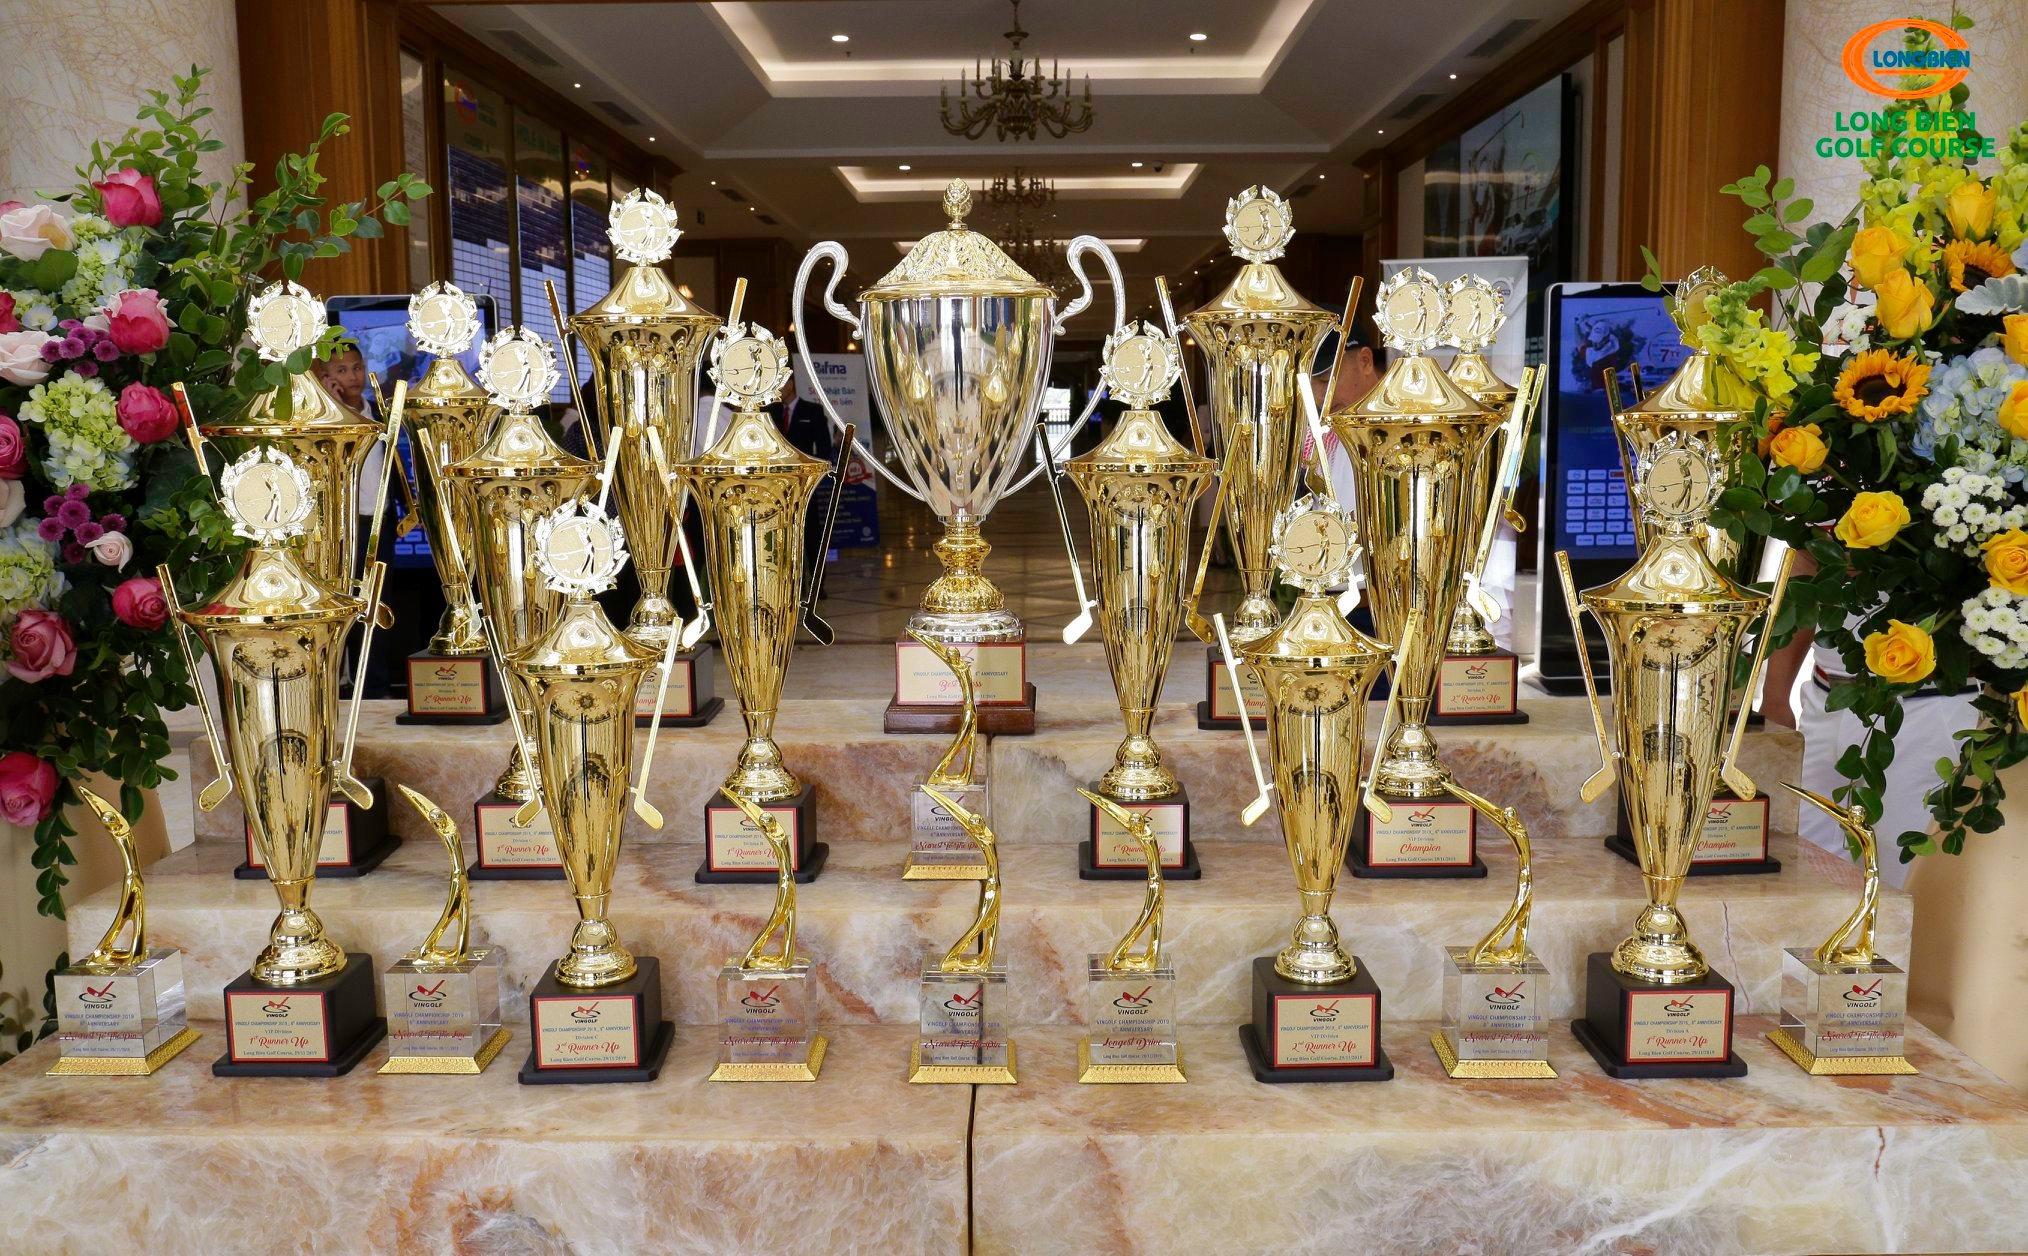 """KẾT QUẢ GIẢI GOLF """"VINGOLF CHAMPIONSHIP 2019 – 6TH ANNIVERSARY"""""""